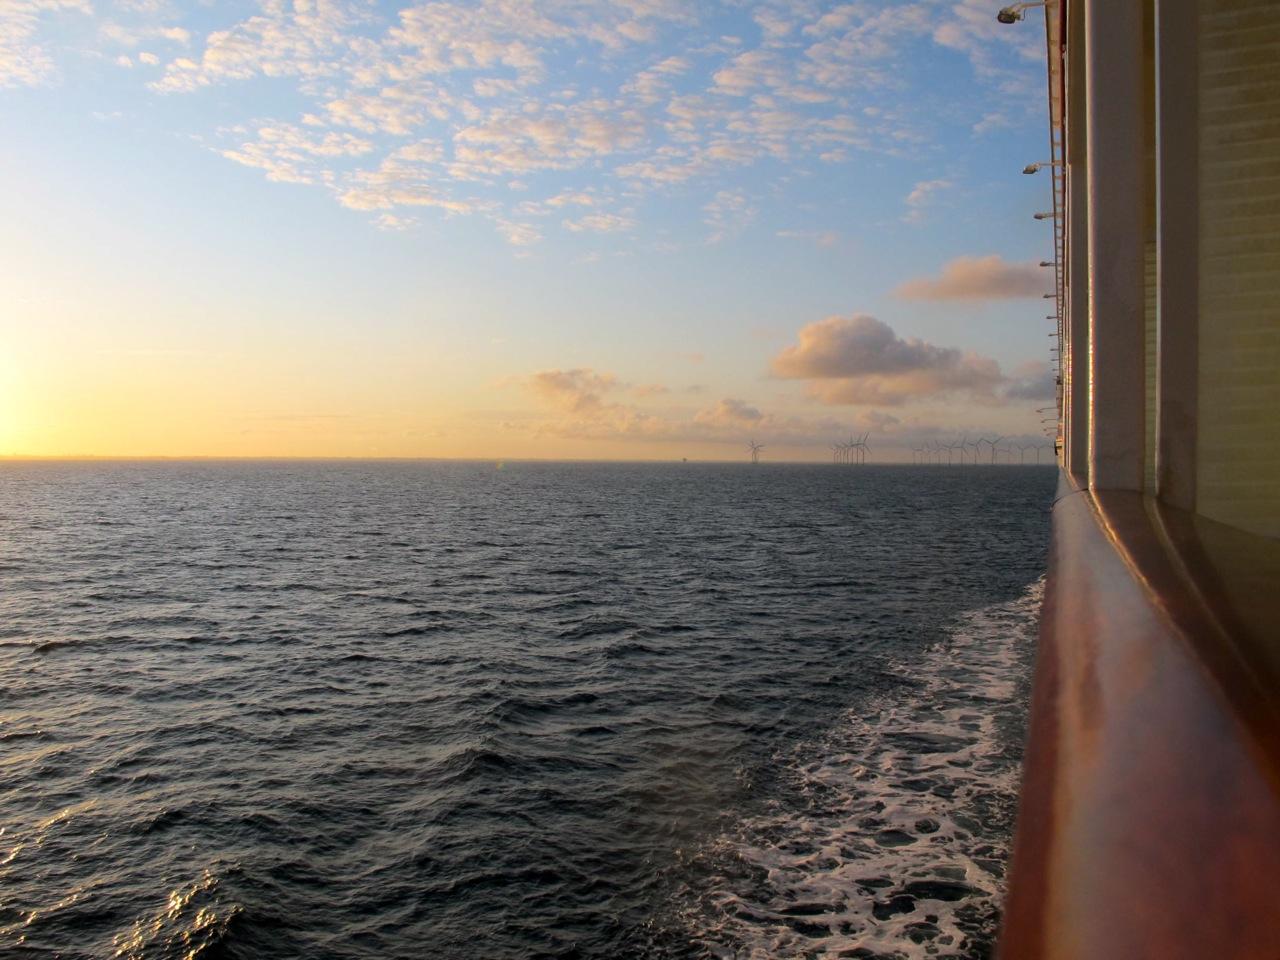 Kreuzfahrt auf der Nordsee